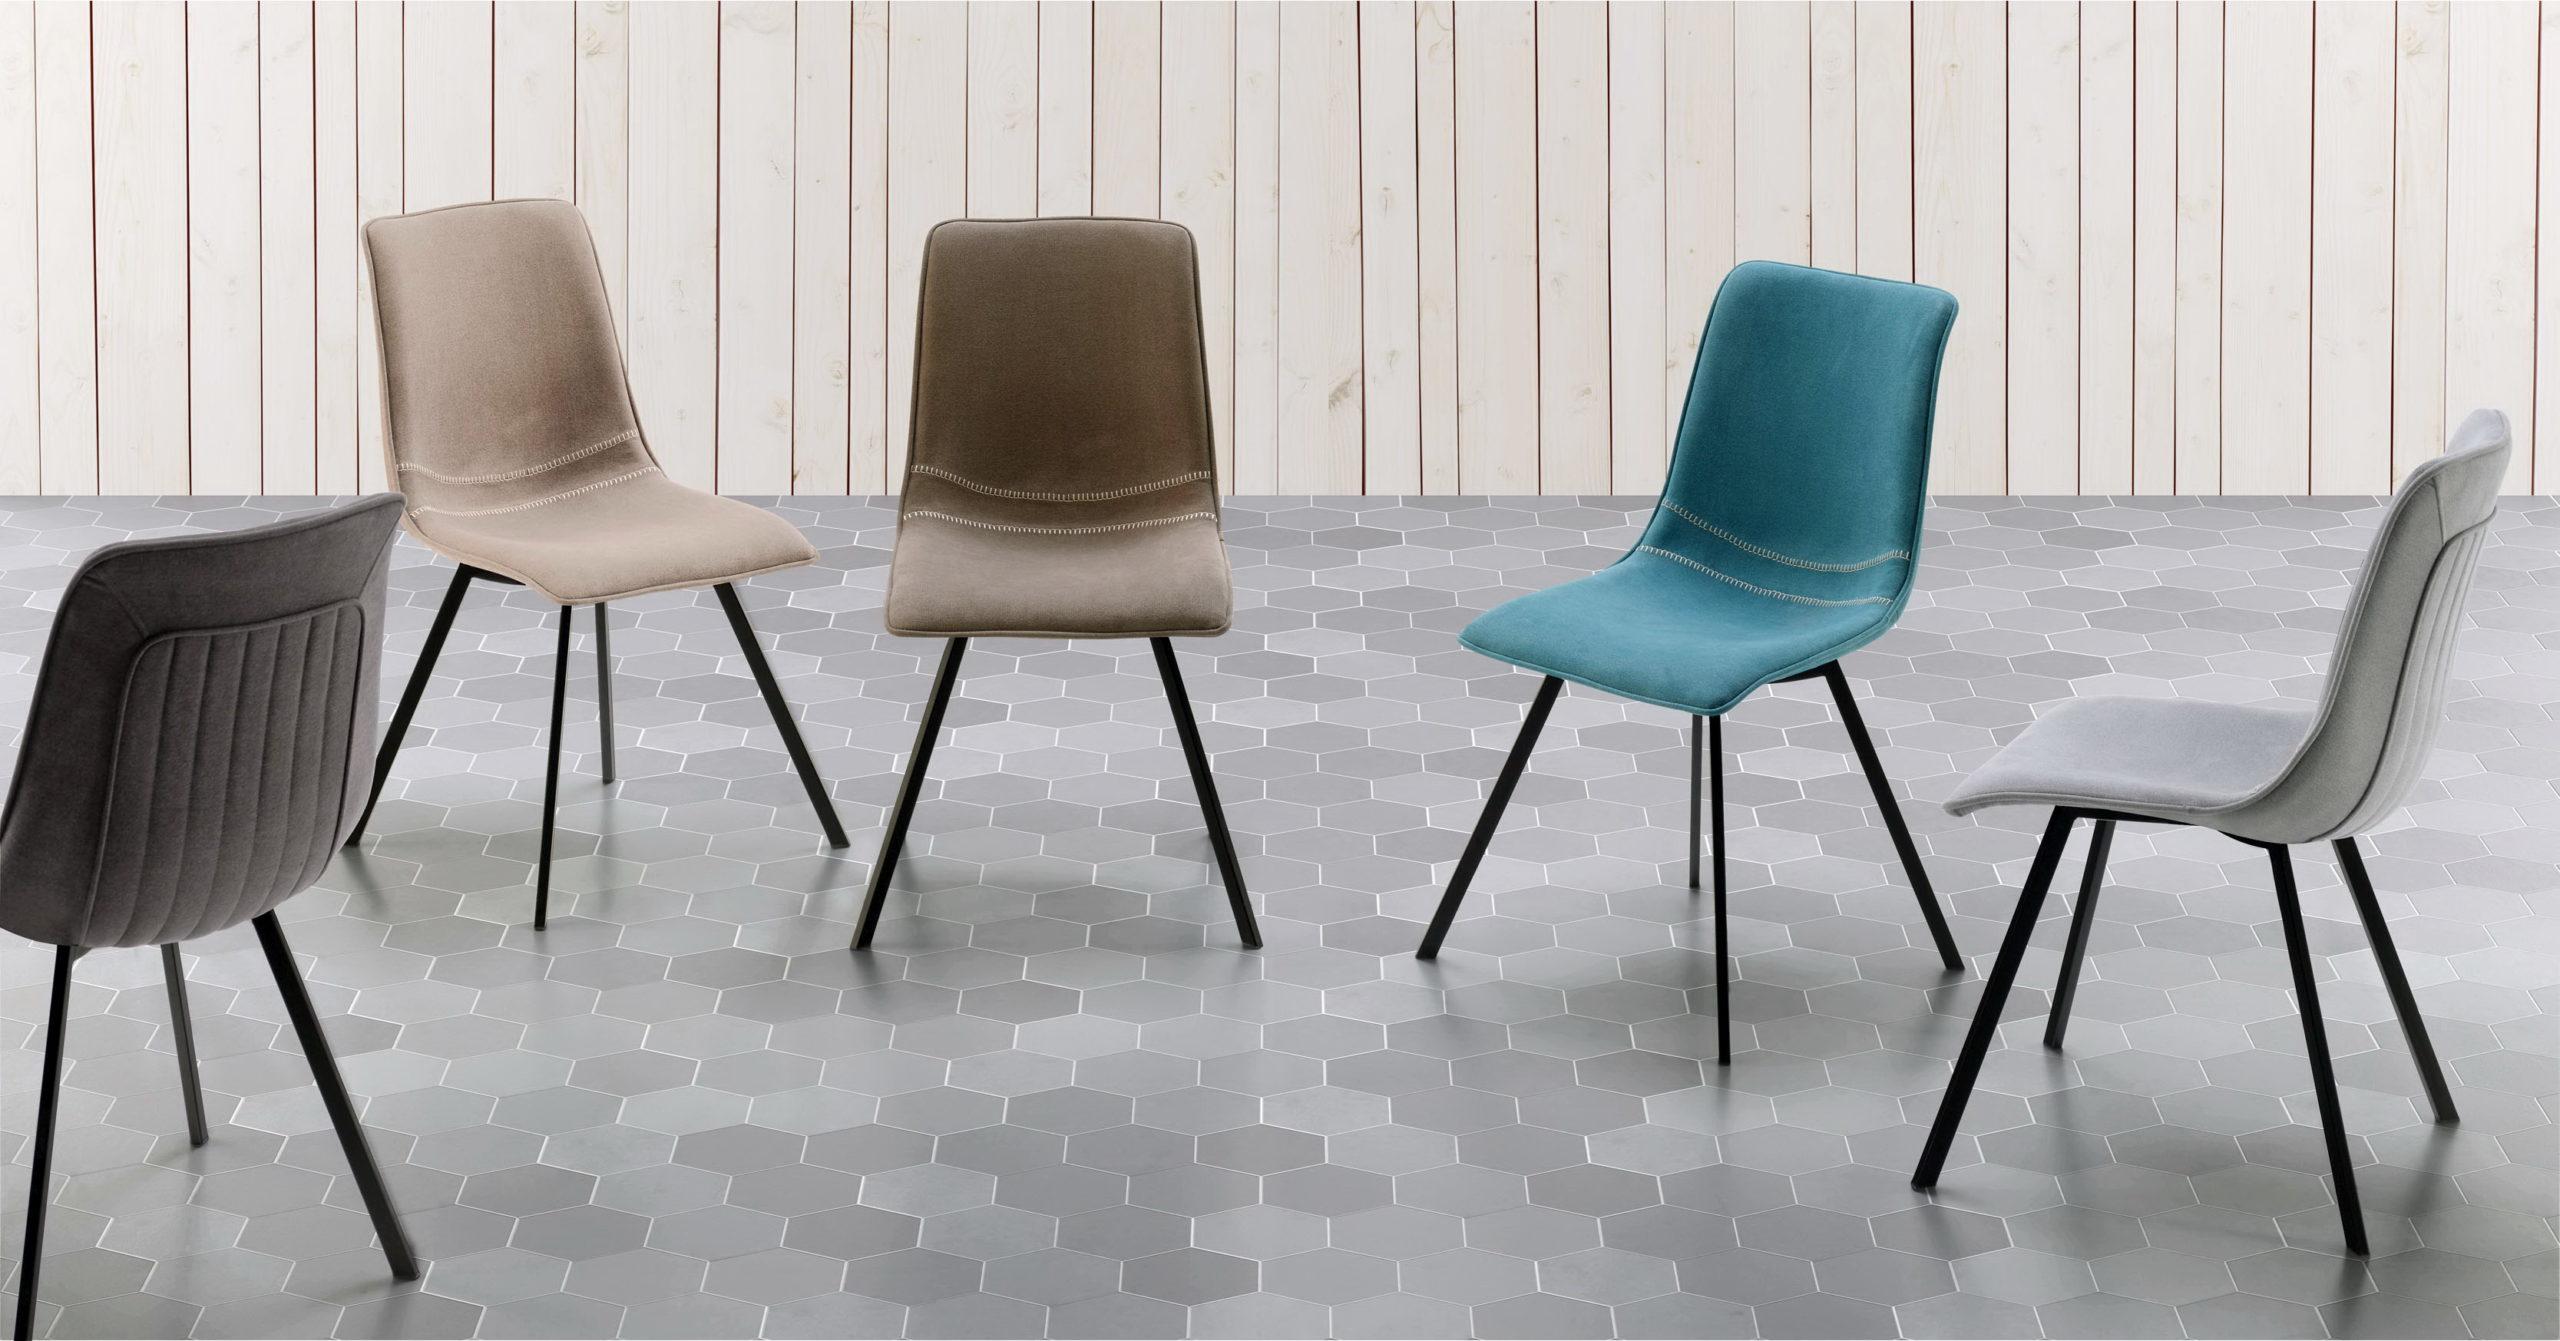 Sillas modernas de importación by Seres silla CONCHA de venta en MUEBLES ANTOÑÁN León